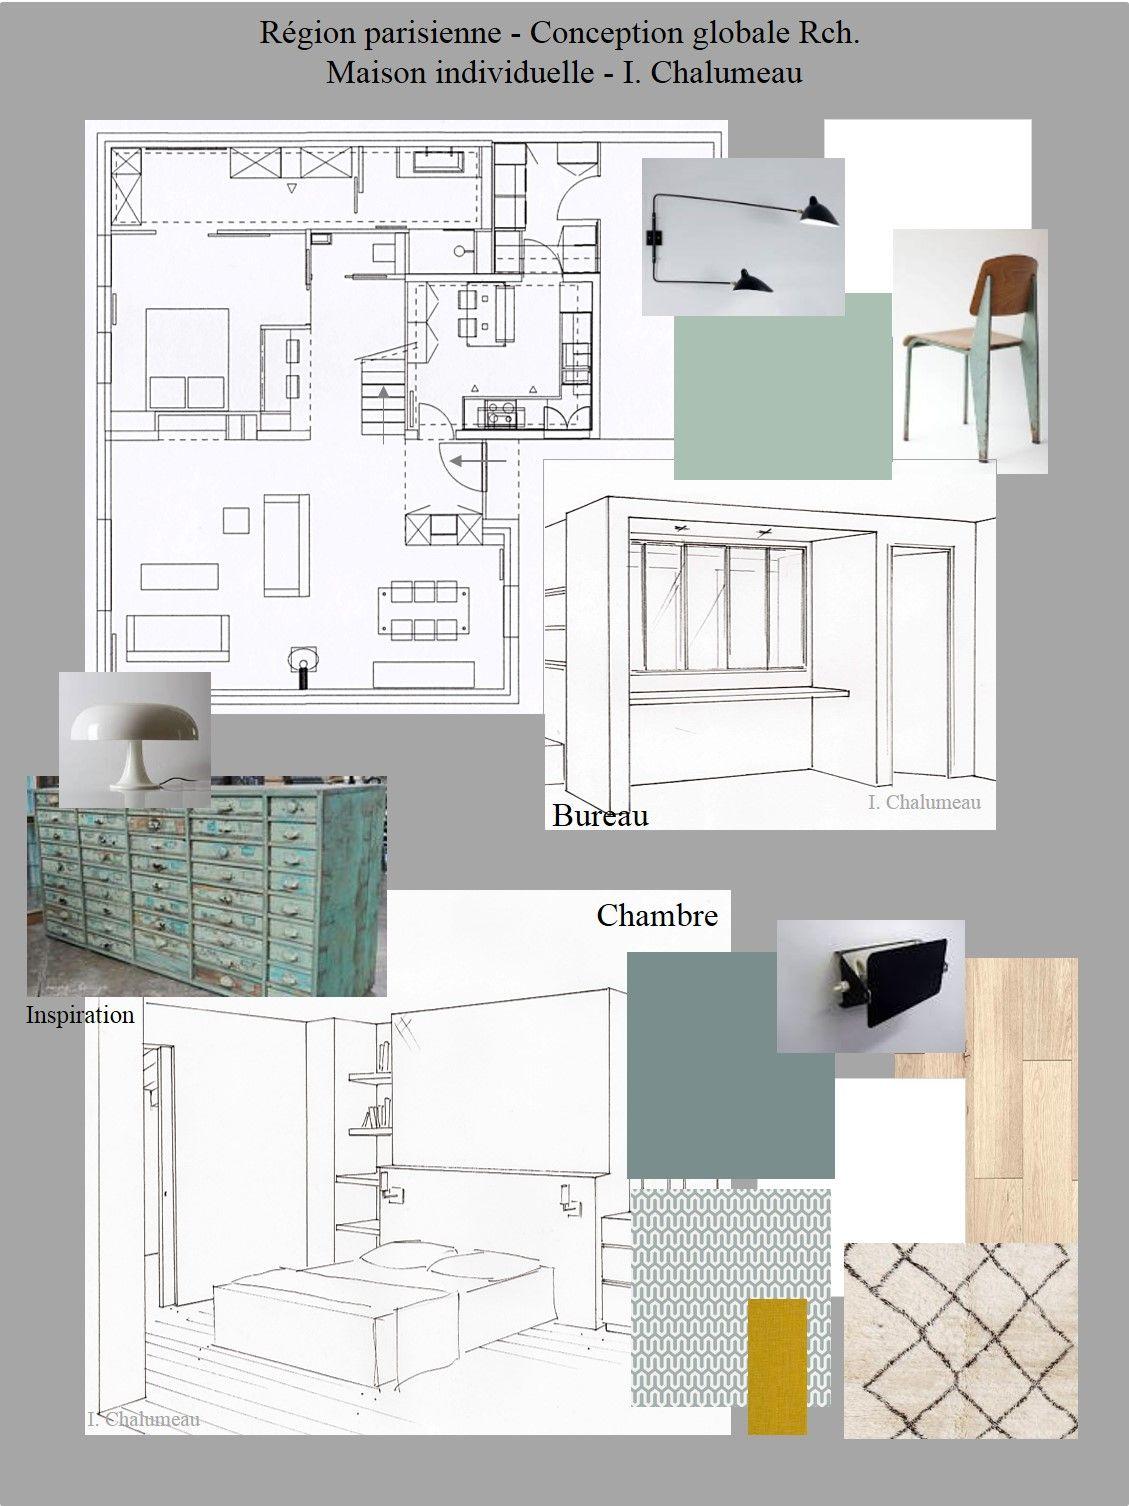 Conception graphique planches tendances plans for Algeco maison individuelle